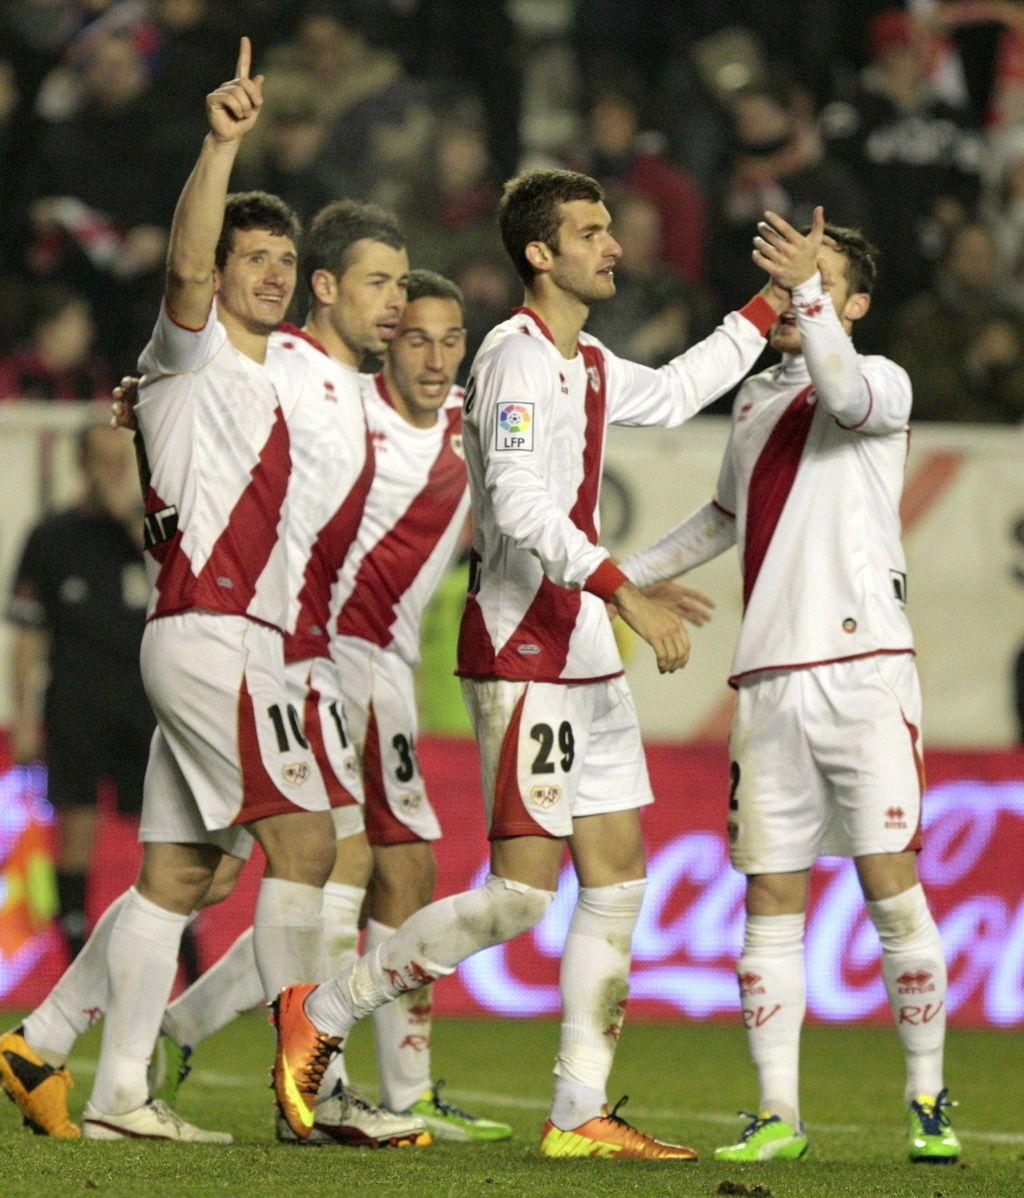 """El delantero del Rayo Vallecano Francisco Medina, """"Piti""""(i), celebra con su compañero uno de los goles que ha marcado ante el Getafe"""